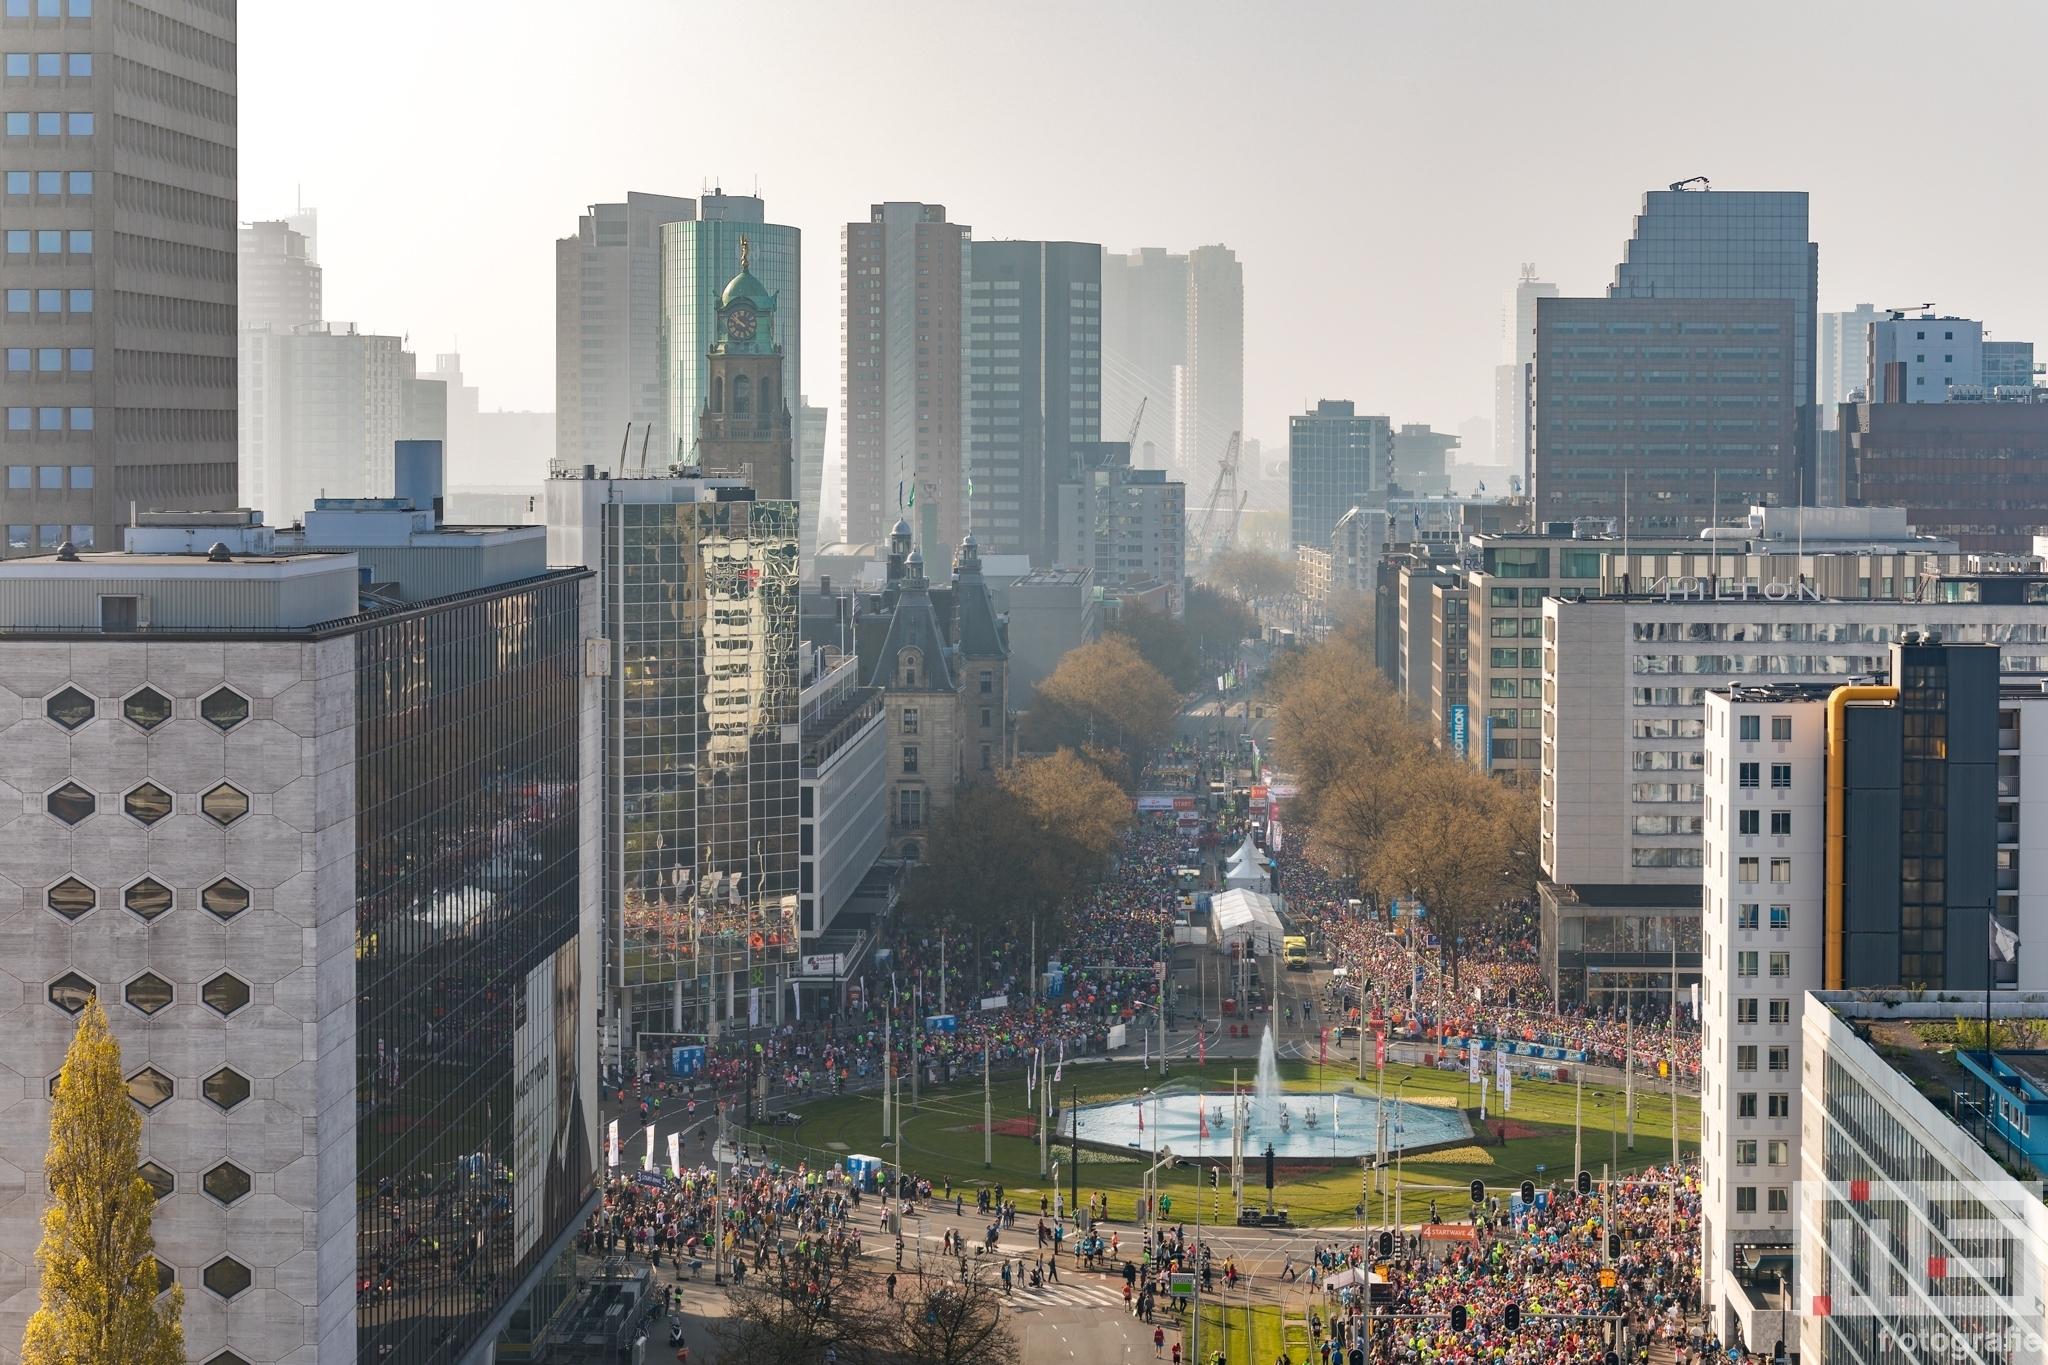 Te Koop | Het startpunt van de Marathon Rotterdam met het Hofplein, Coolsingel en Hilton Hotel in Rotterdam